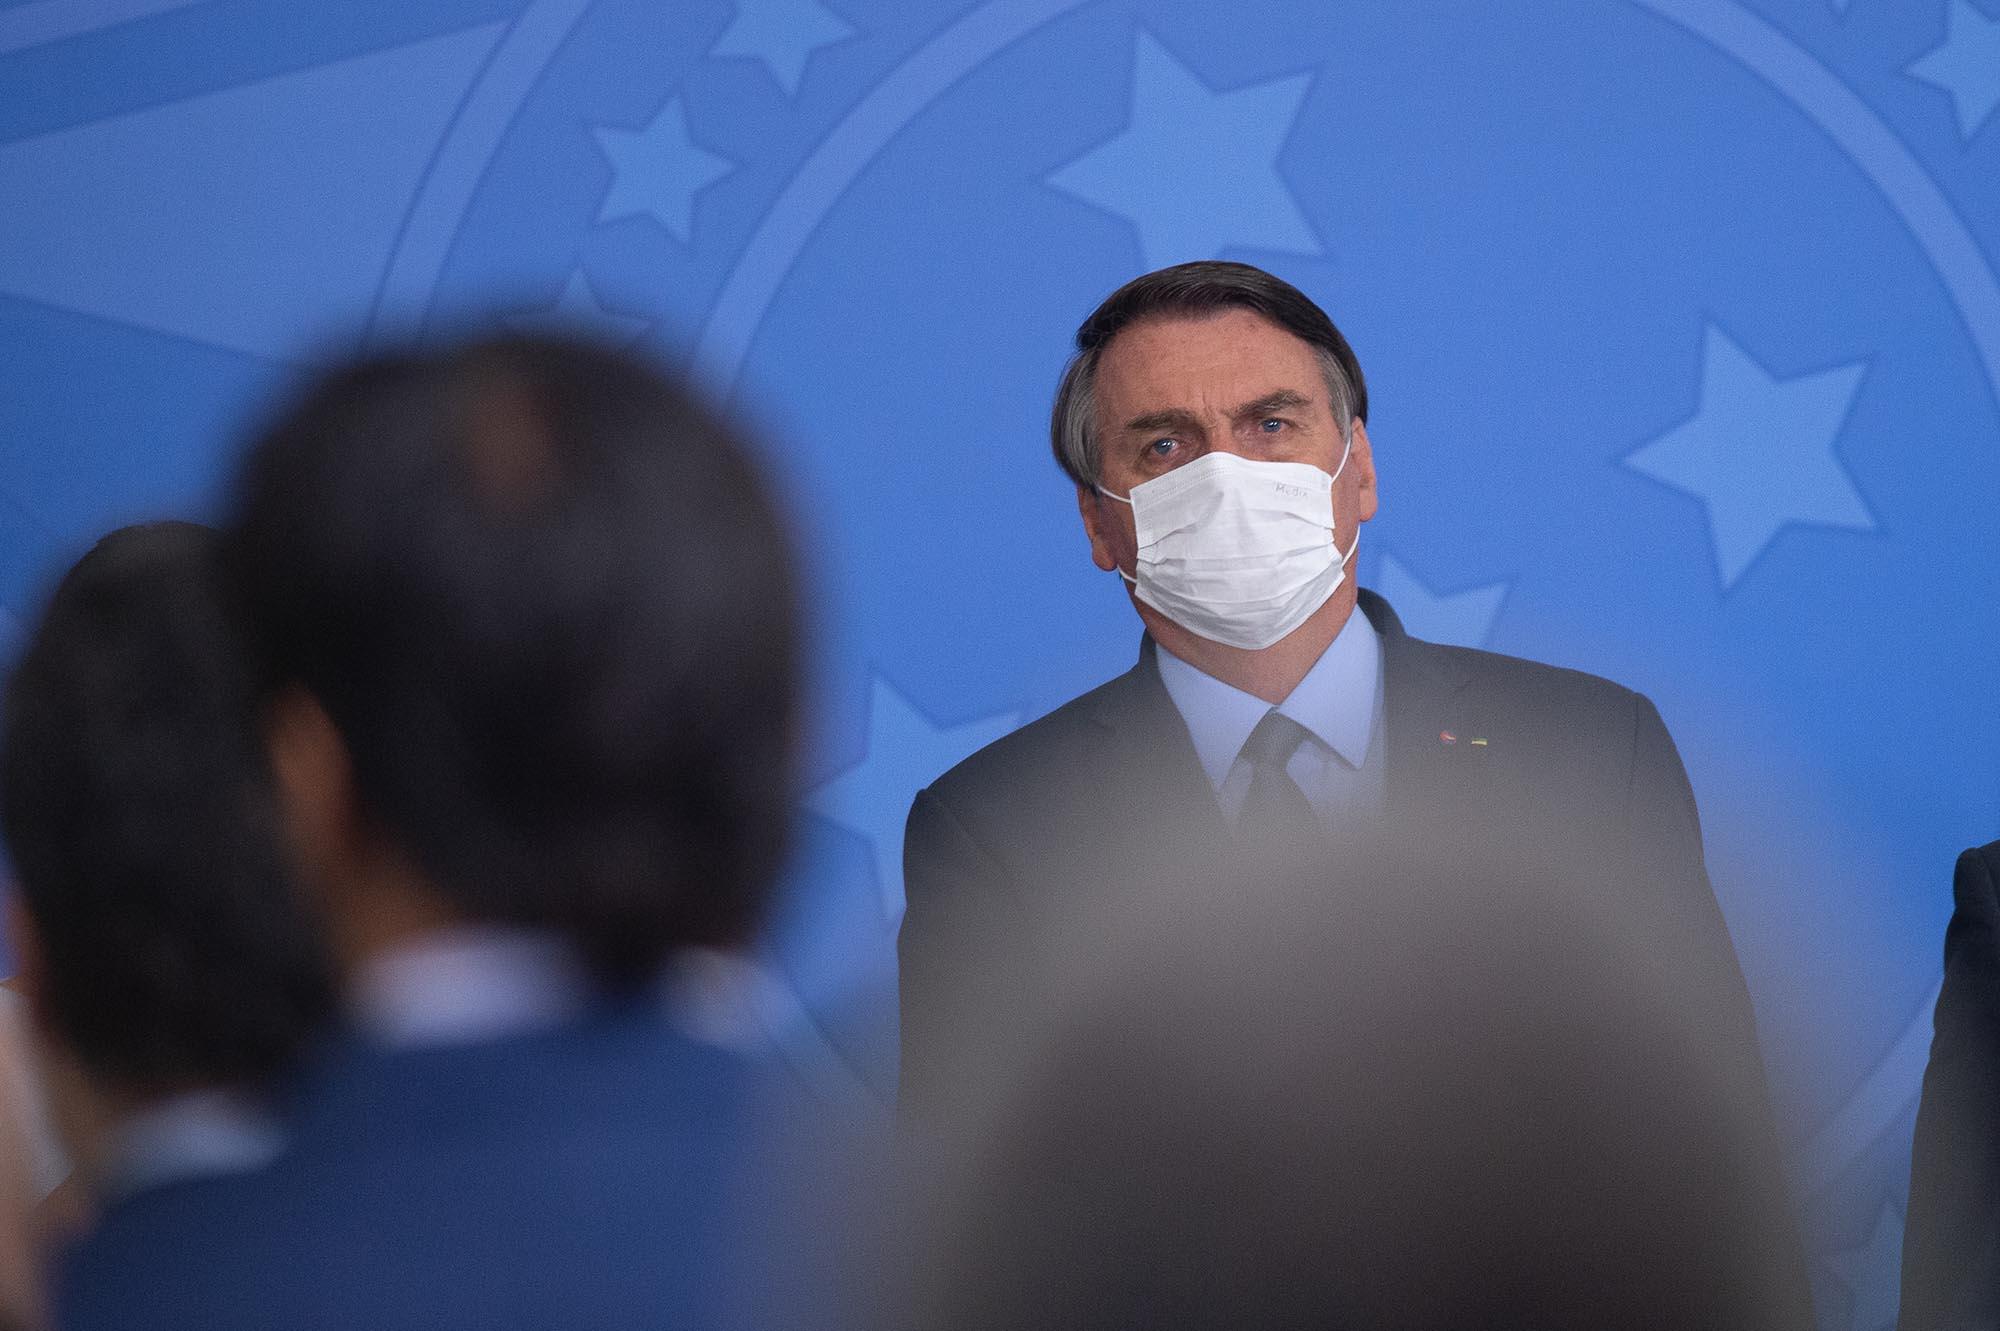 President of Brazil Jair Bolsonaro looks on during the ceremonyin which Eduardo Pazuello takes office as Minister ofHealthamid the coronavirus pandemic on September 16, in Brasilia.